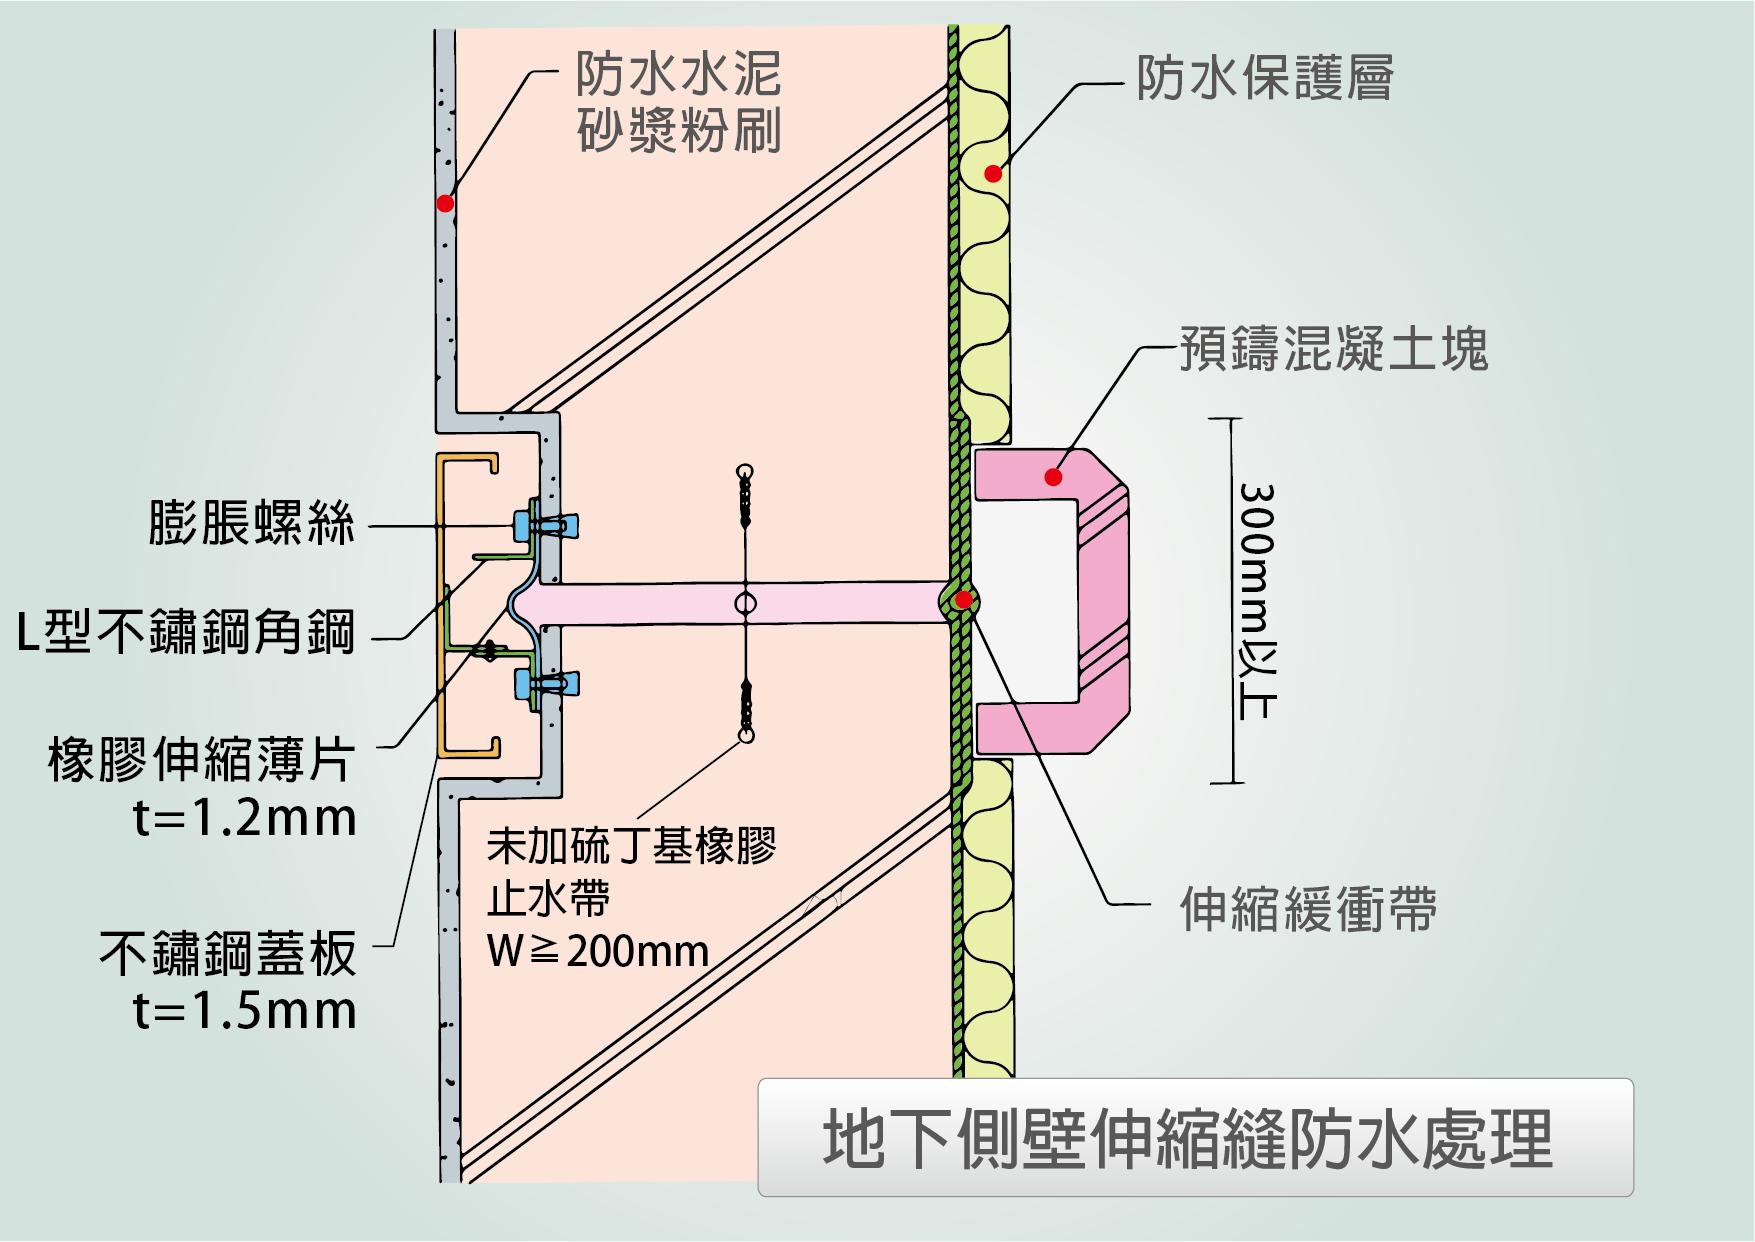 圖2-4-82(圖例二).png